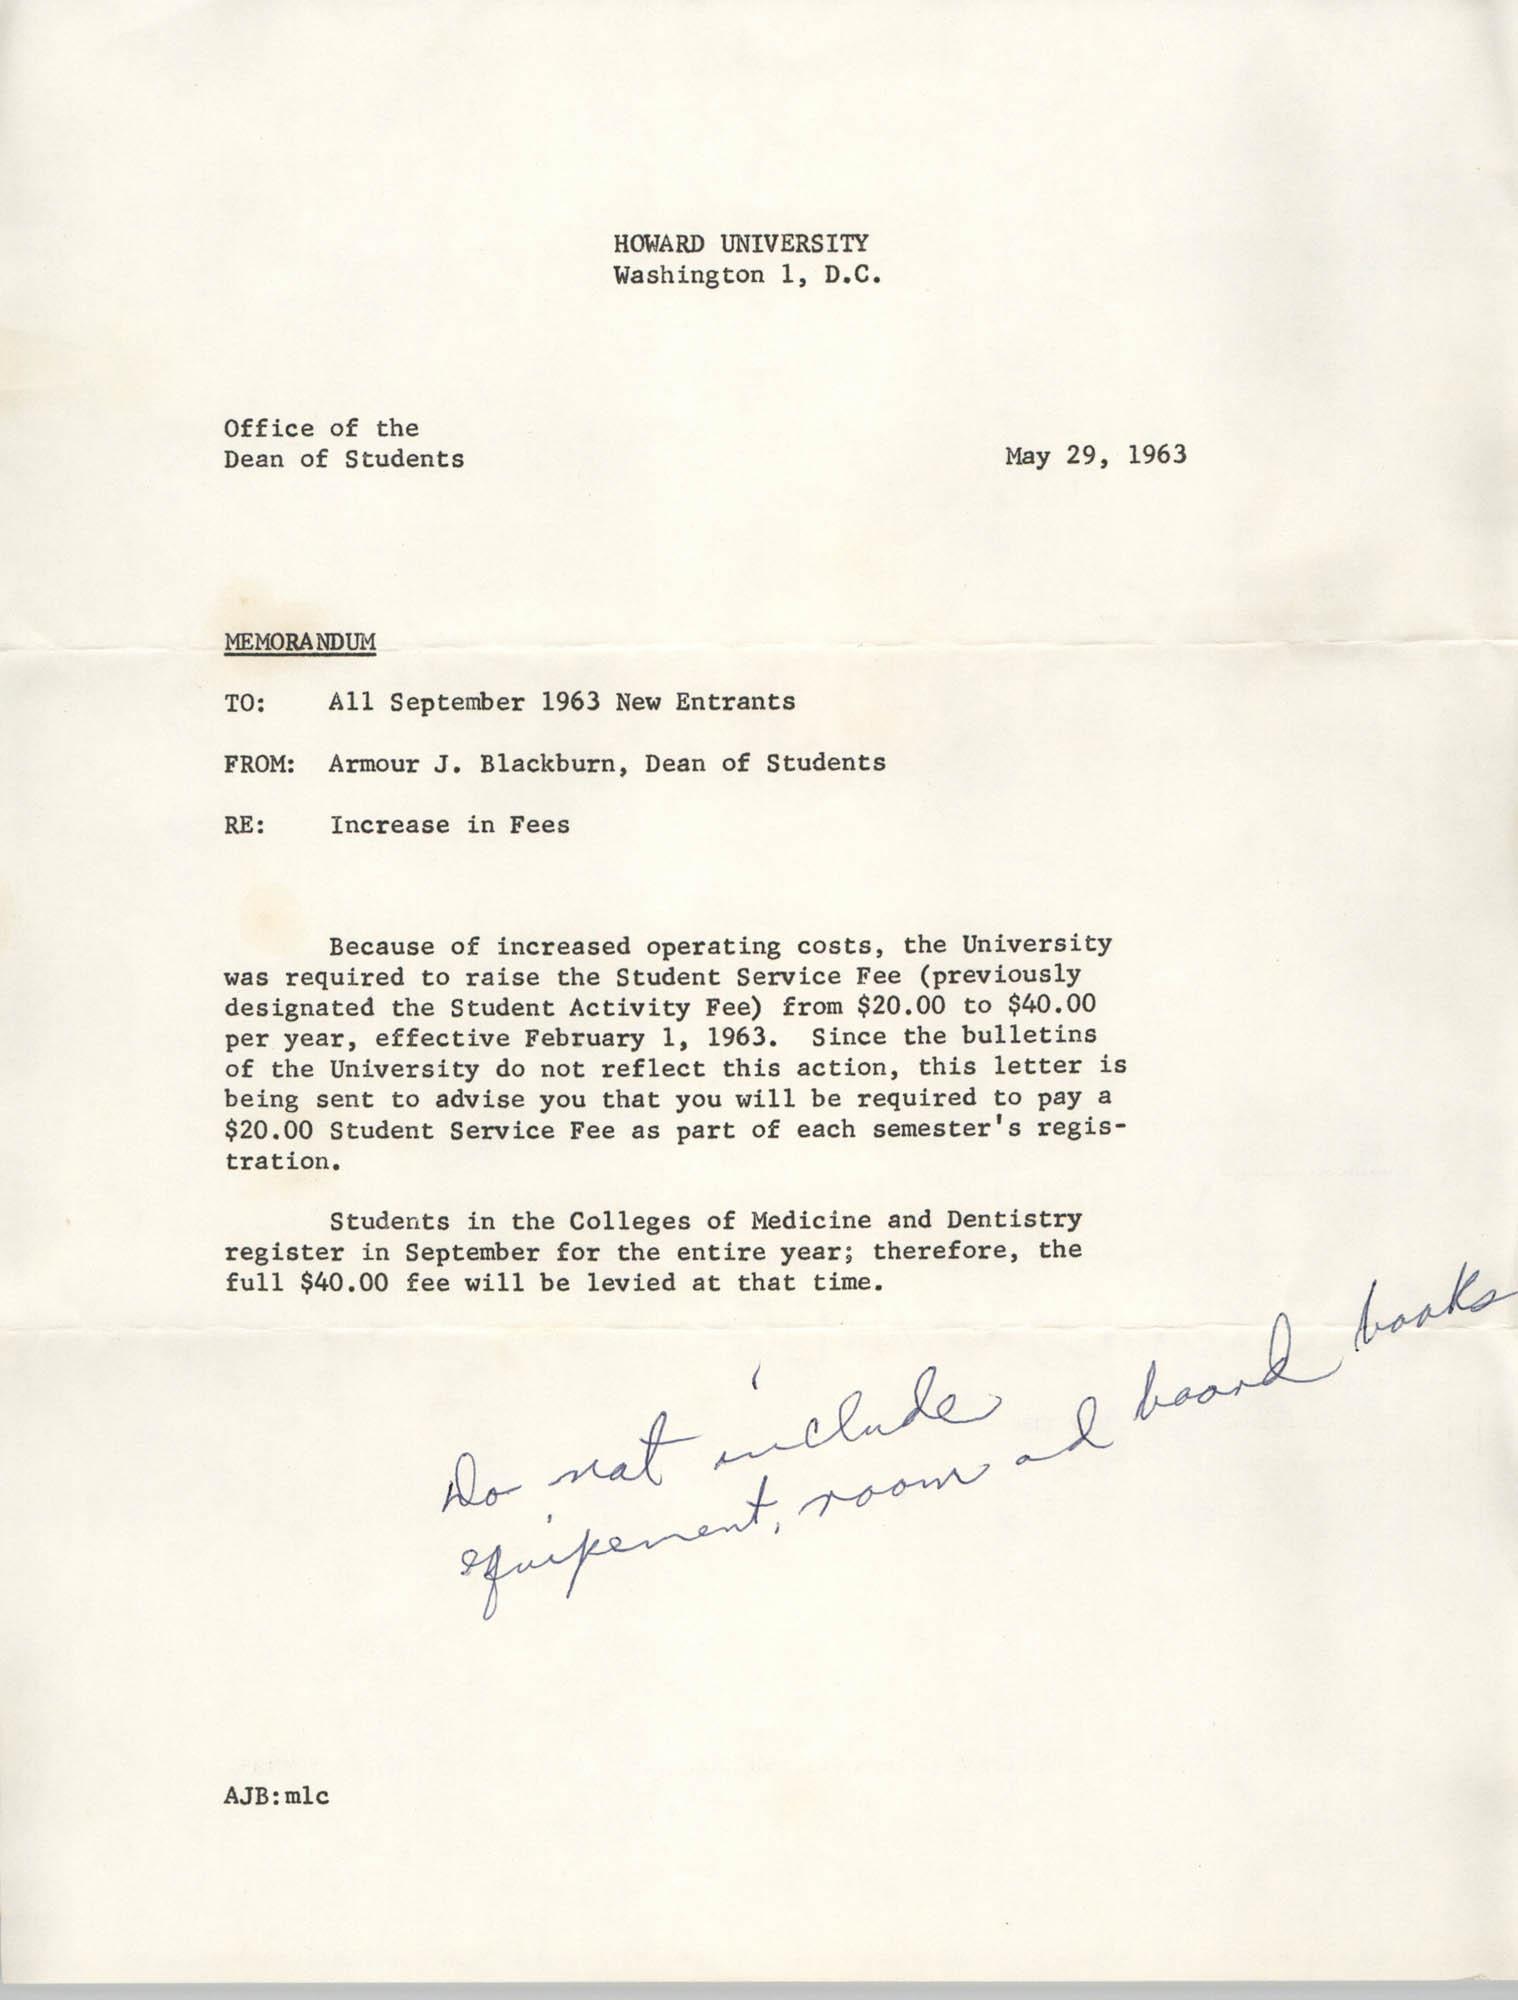 Howard University Memorandum, May 29, 1963